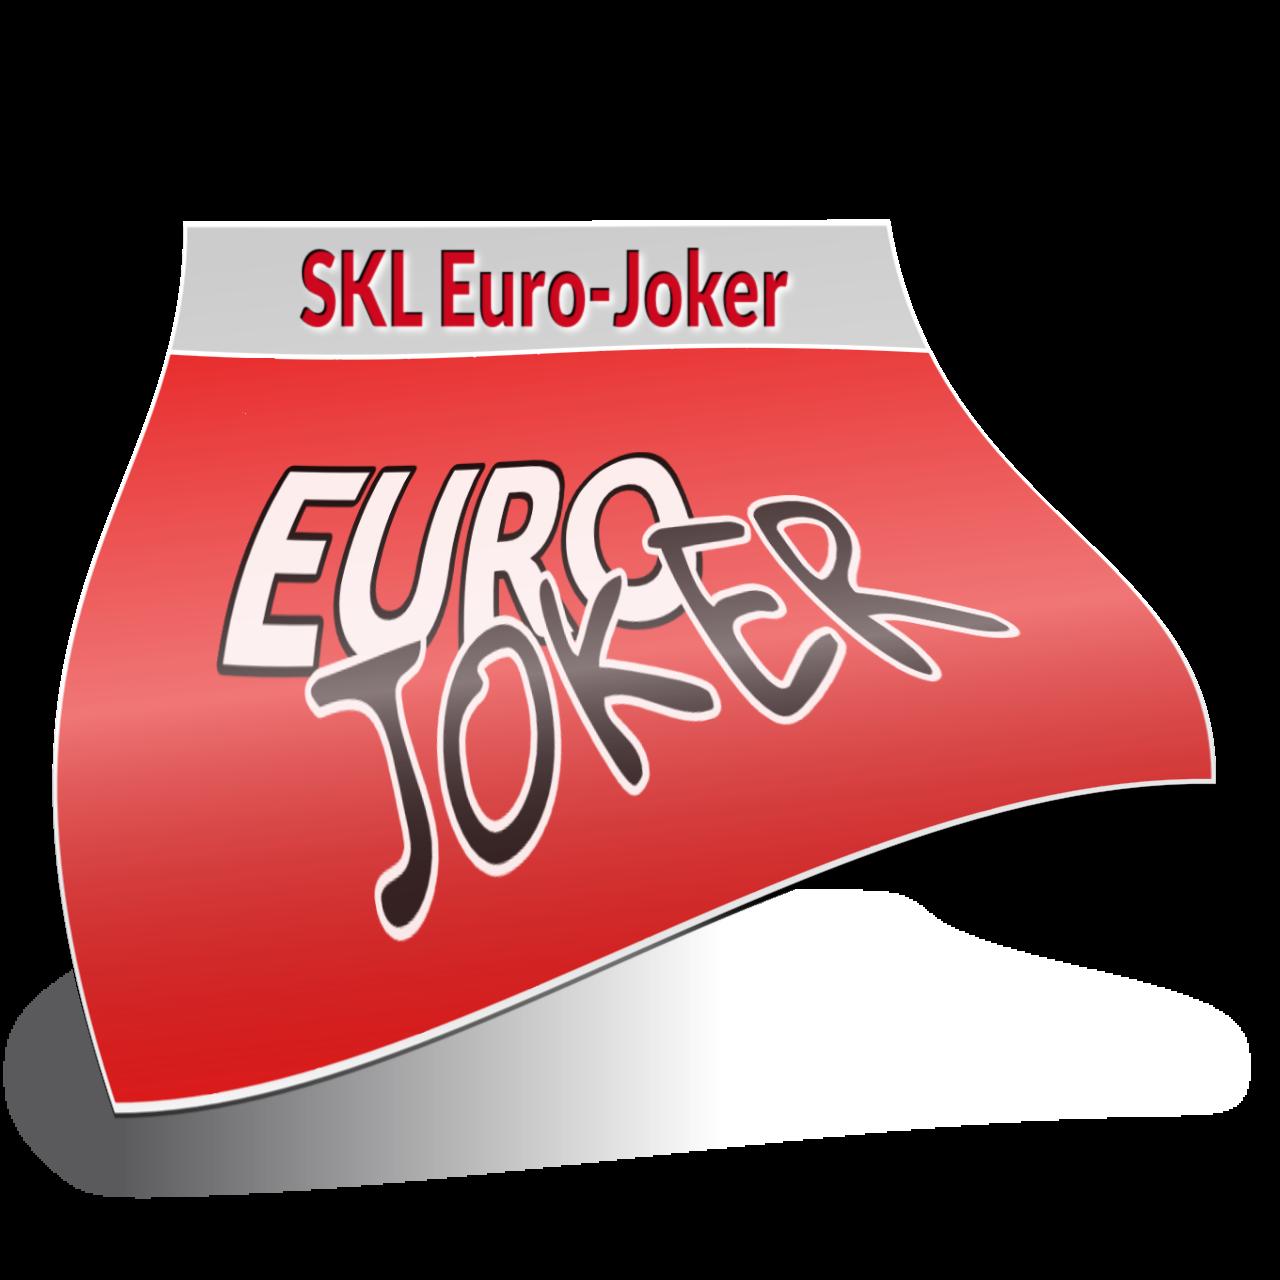 Skl Euro Joker Ziehung